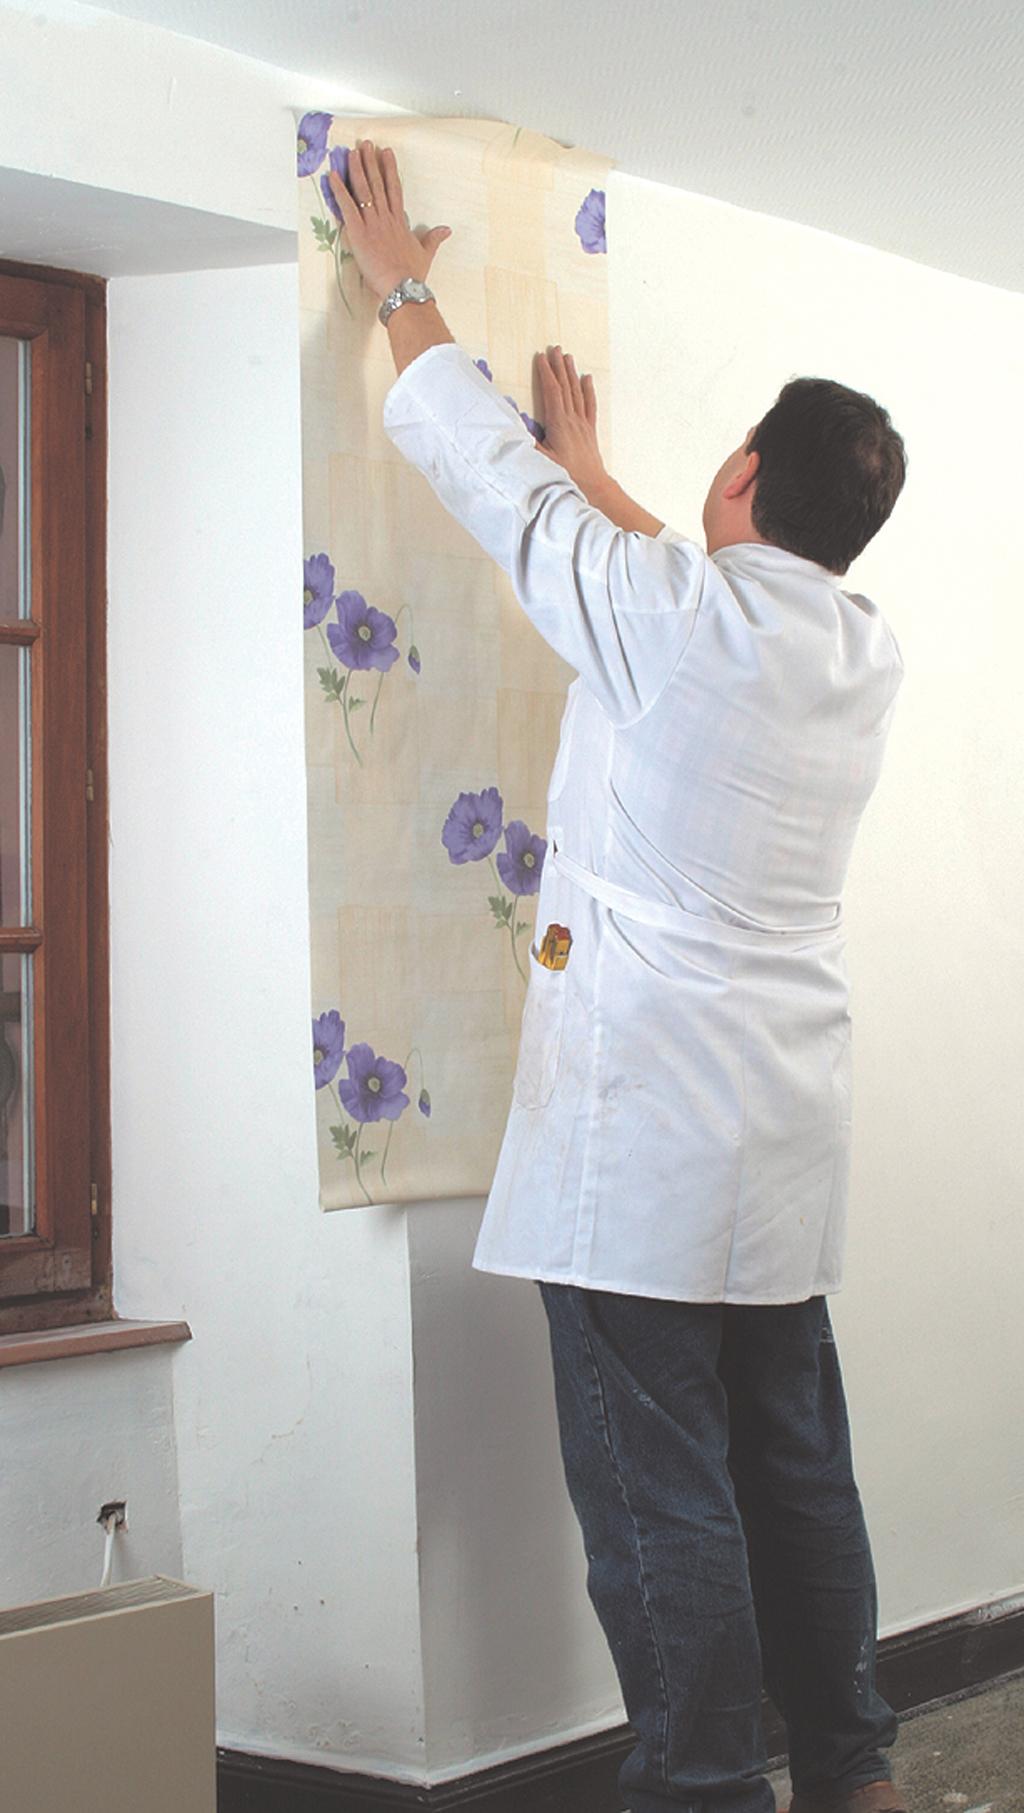 Poser du papier peint raccord droit diy family - Poser du papier peint avec raccord ...